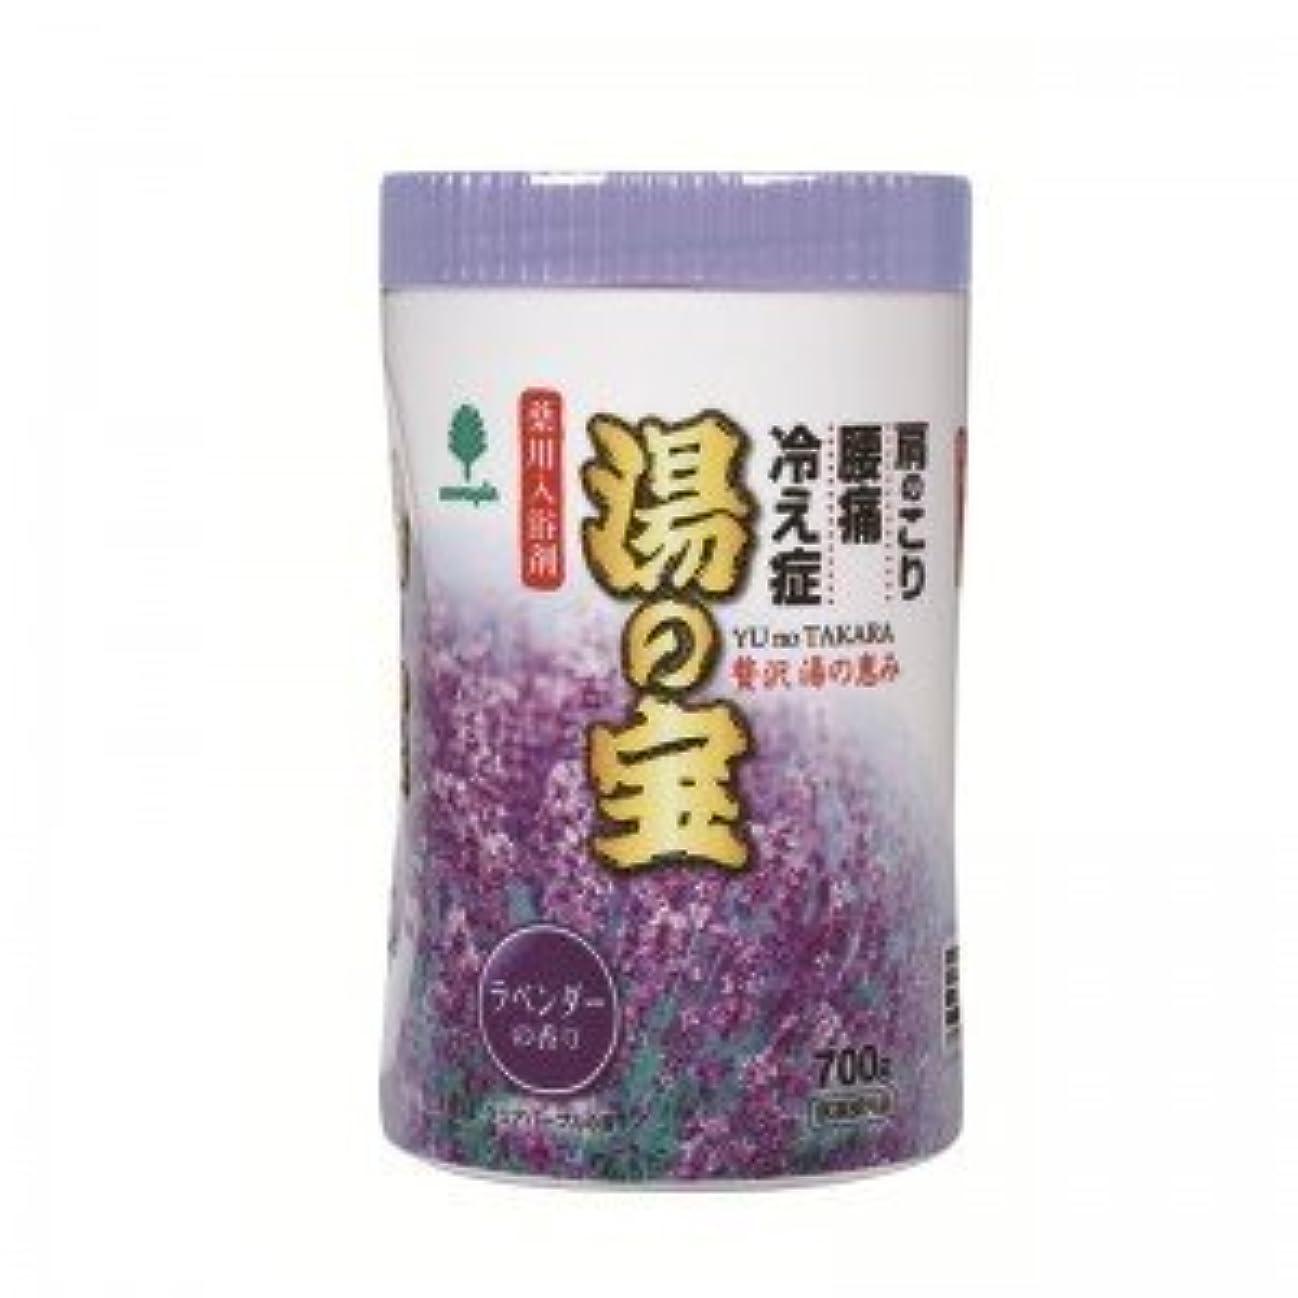 簡潔な正義革命的紀陽除虫菊 湯の宝 ラベンダーの香り (丸ボトル) 700g【まとめ買い15個セット】 N-0068